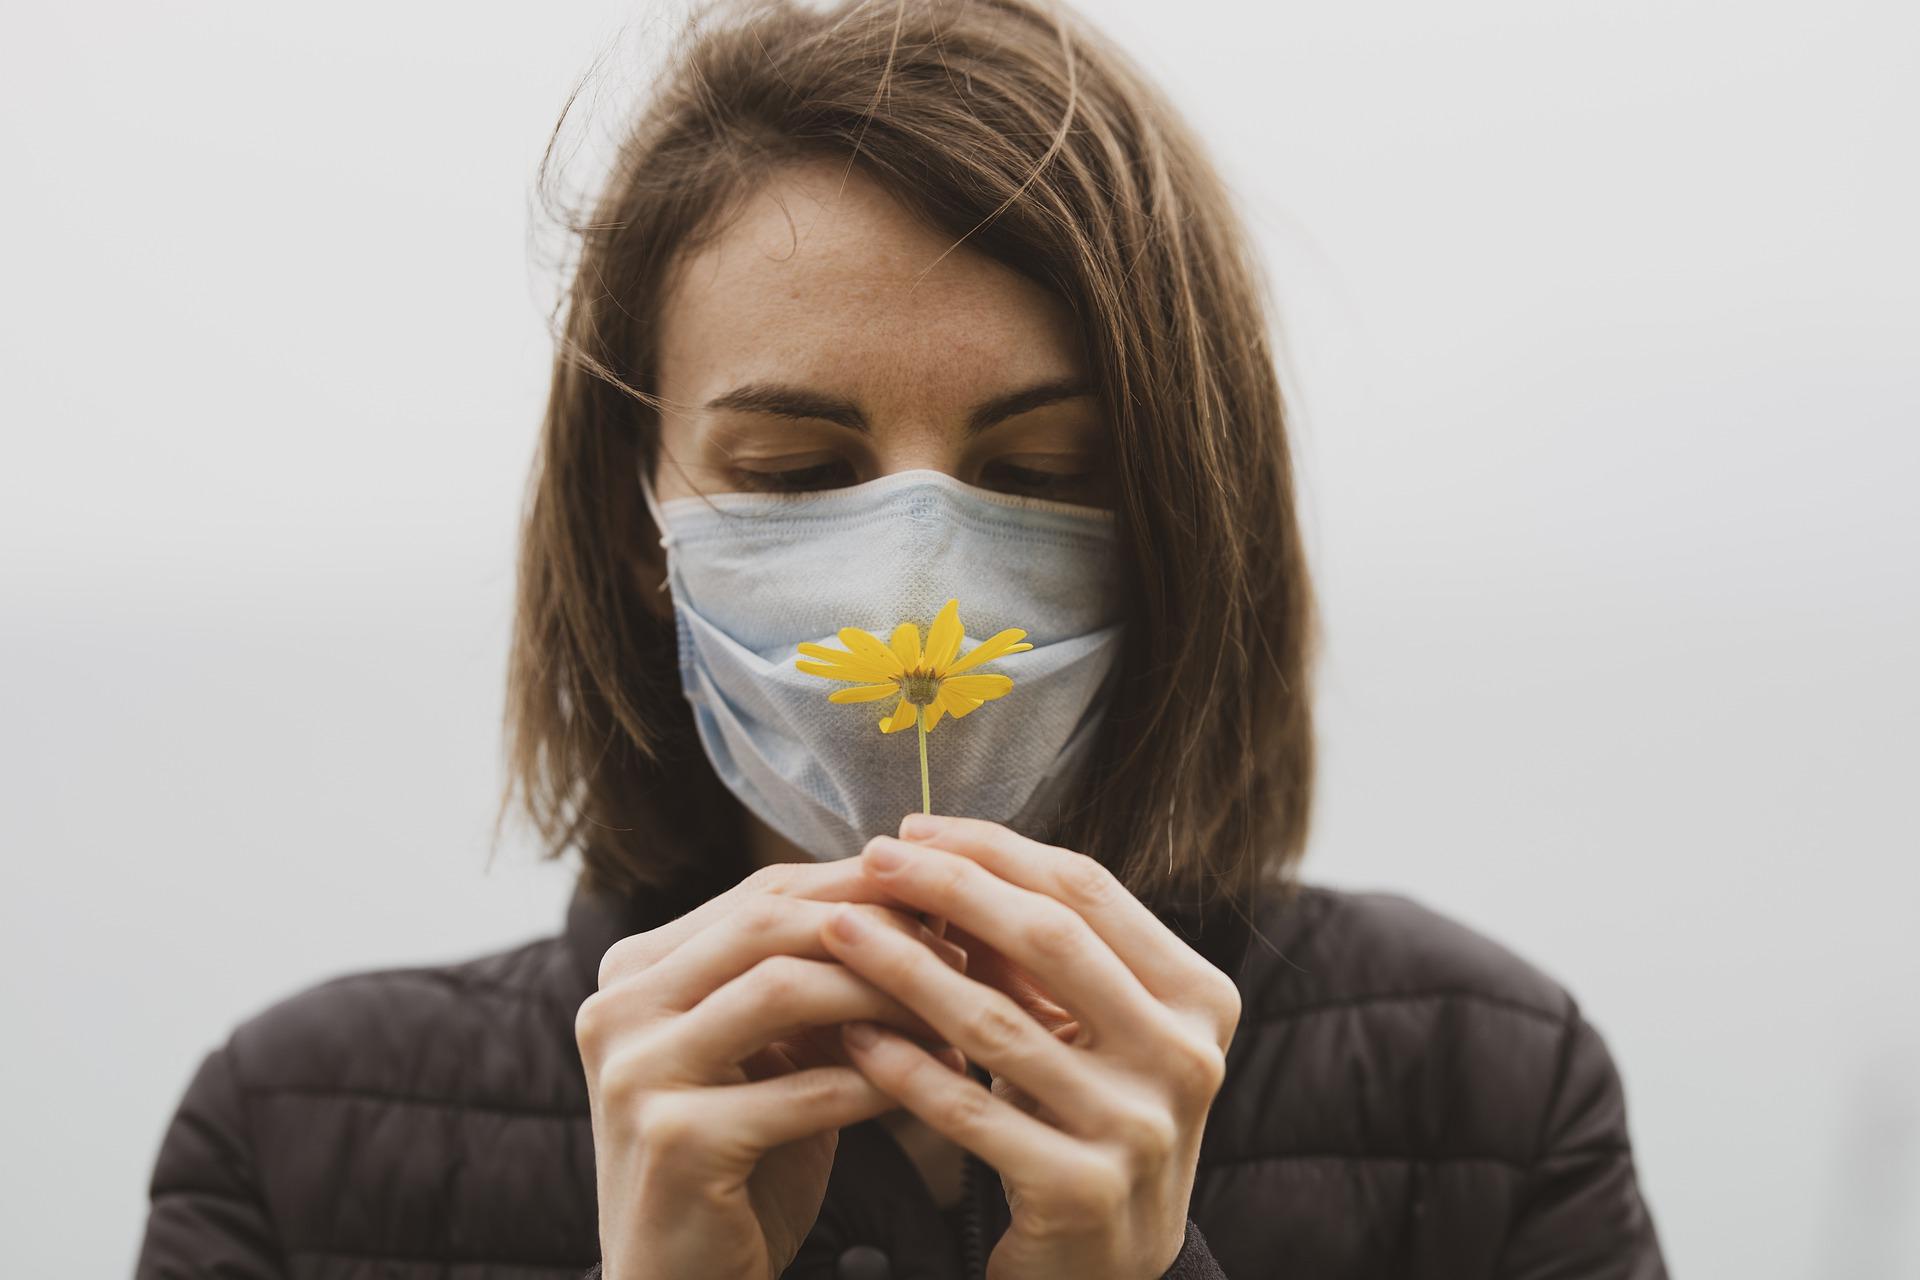 Med munnbind og blomst